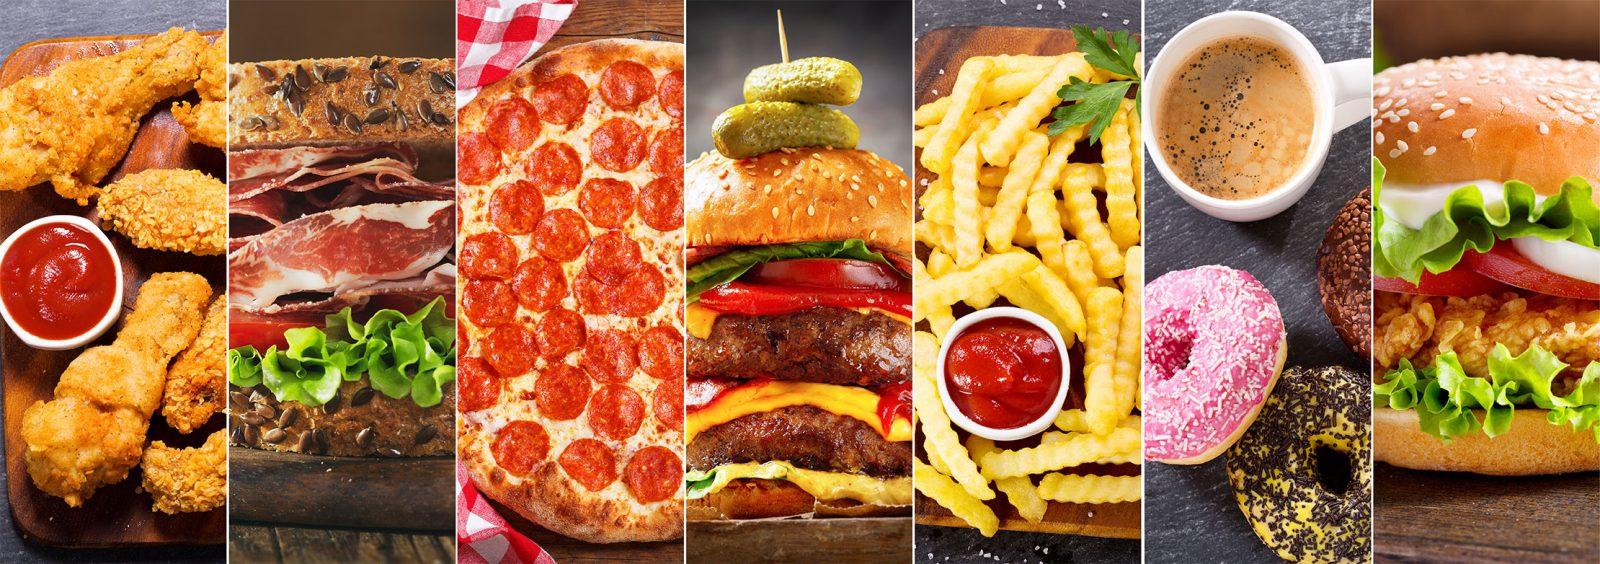 50 foodie trends. 🍔 🍕